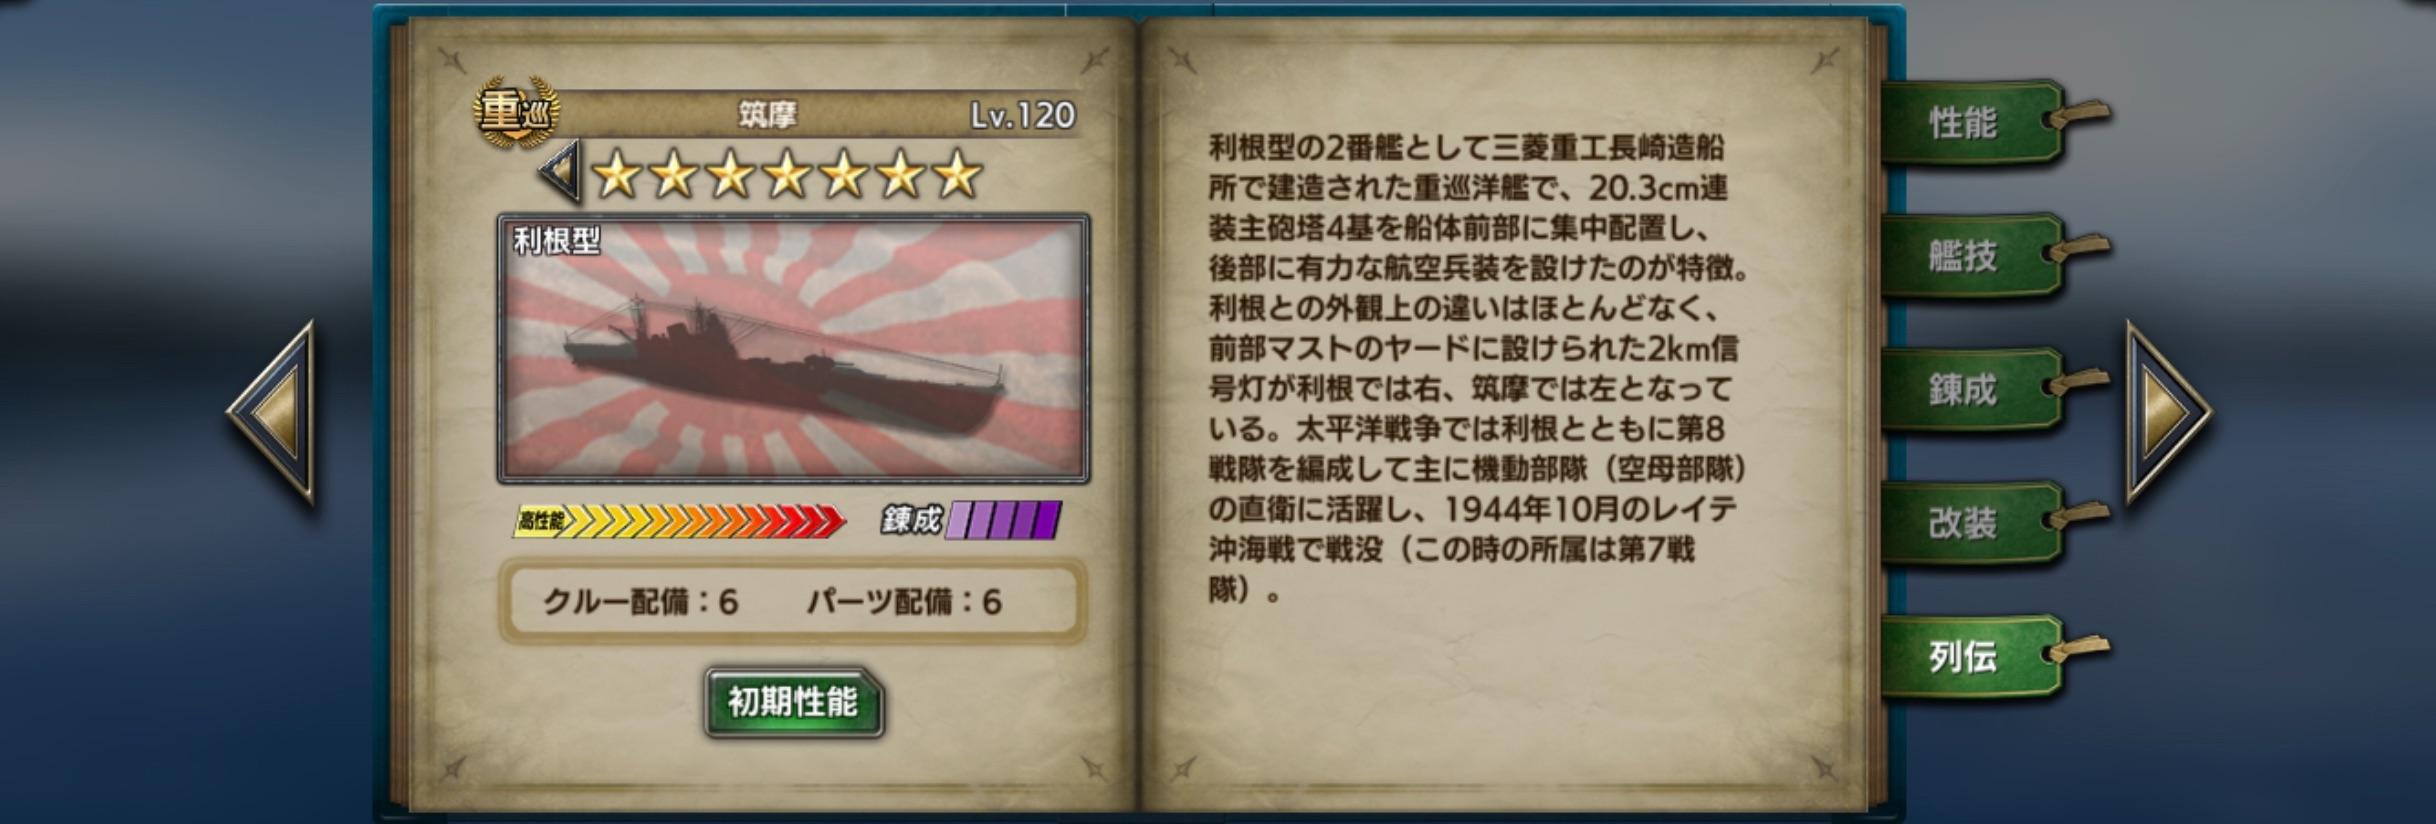 chikuma-history